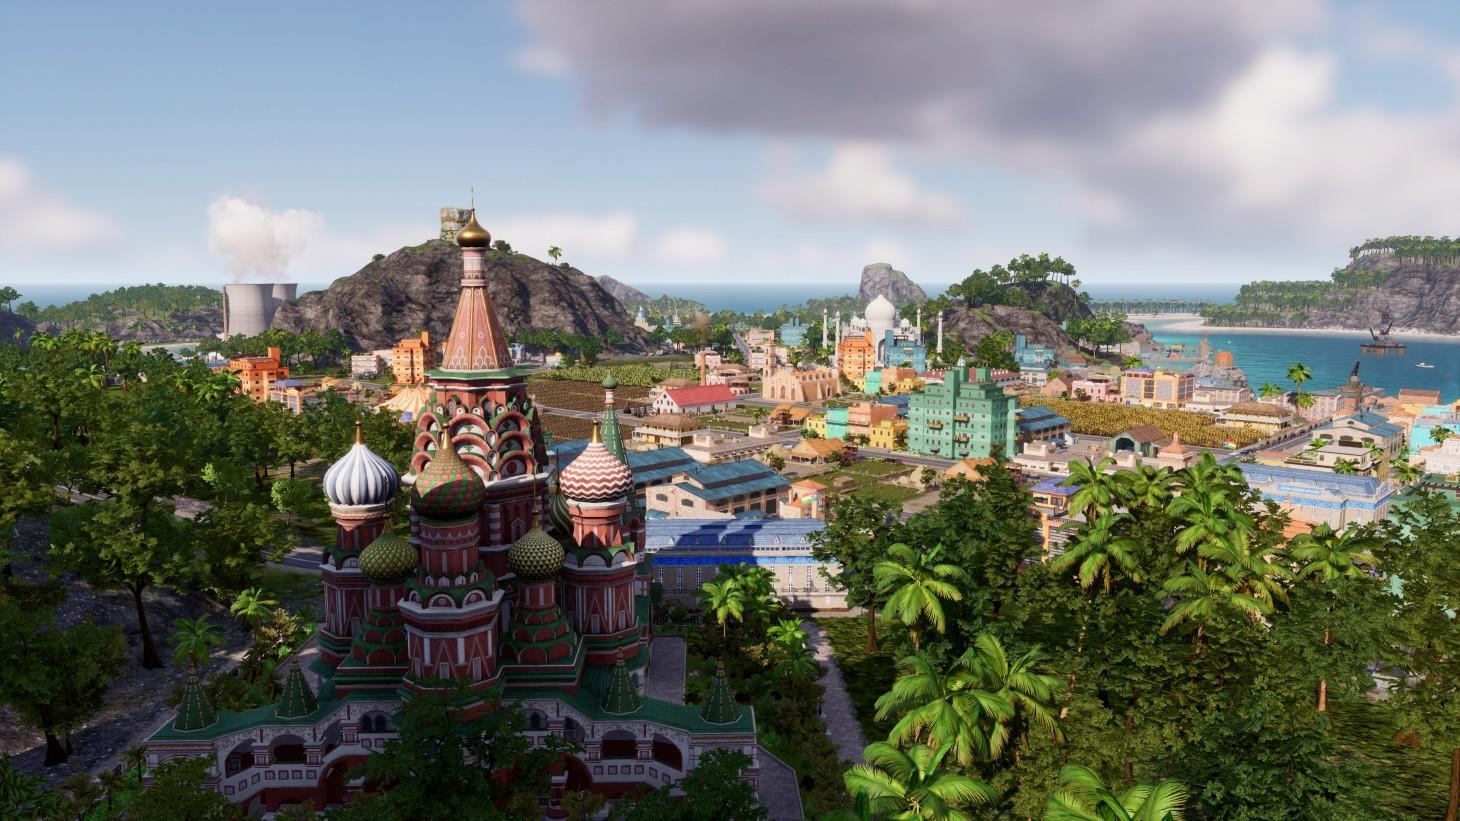 Tropico 6 Review \u2013 Creating A Cruel Paradise - Game Informer